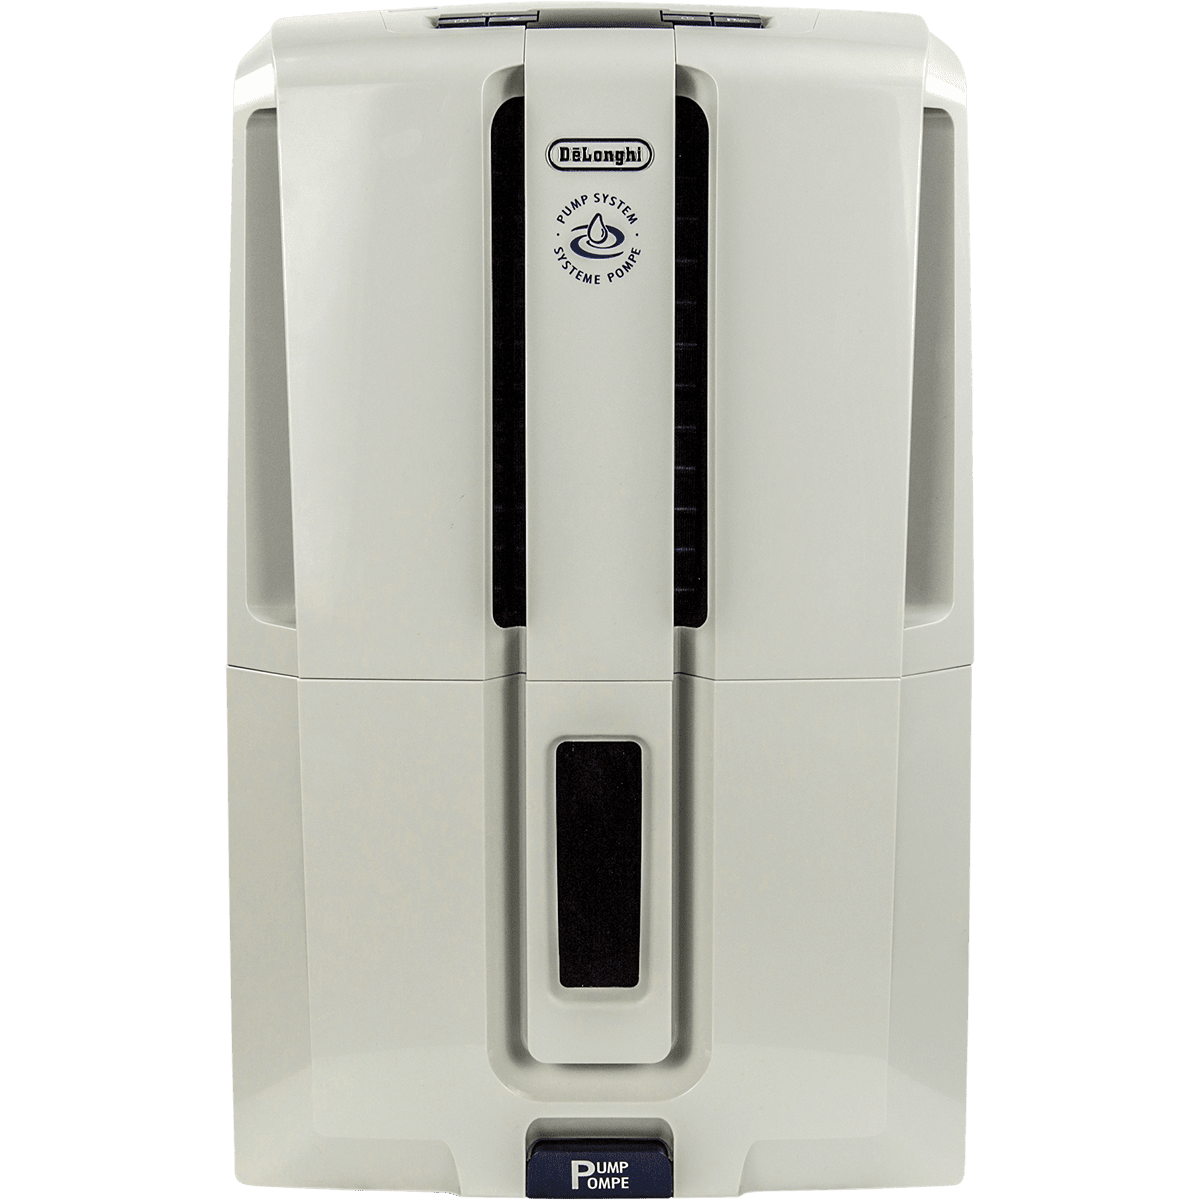 DeLonghi 45 Pint Dehumidifier w/ Pump de7020